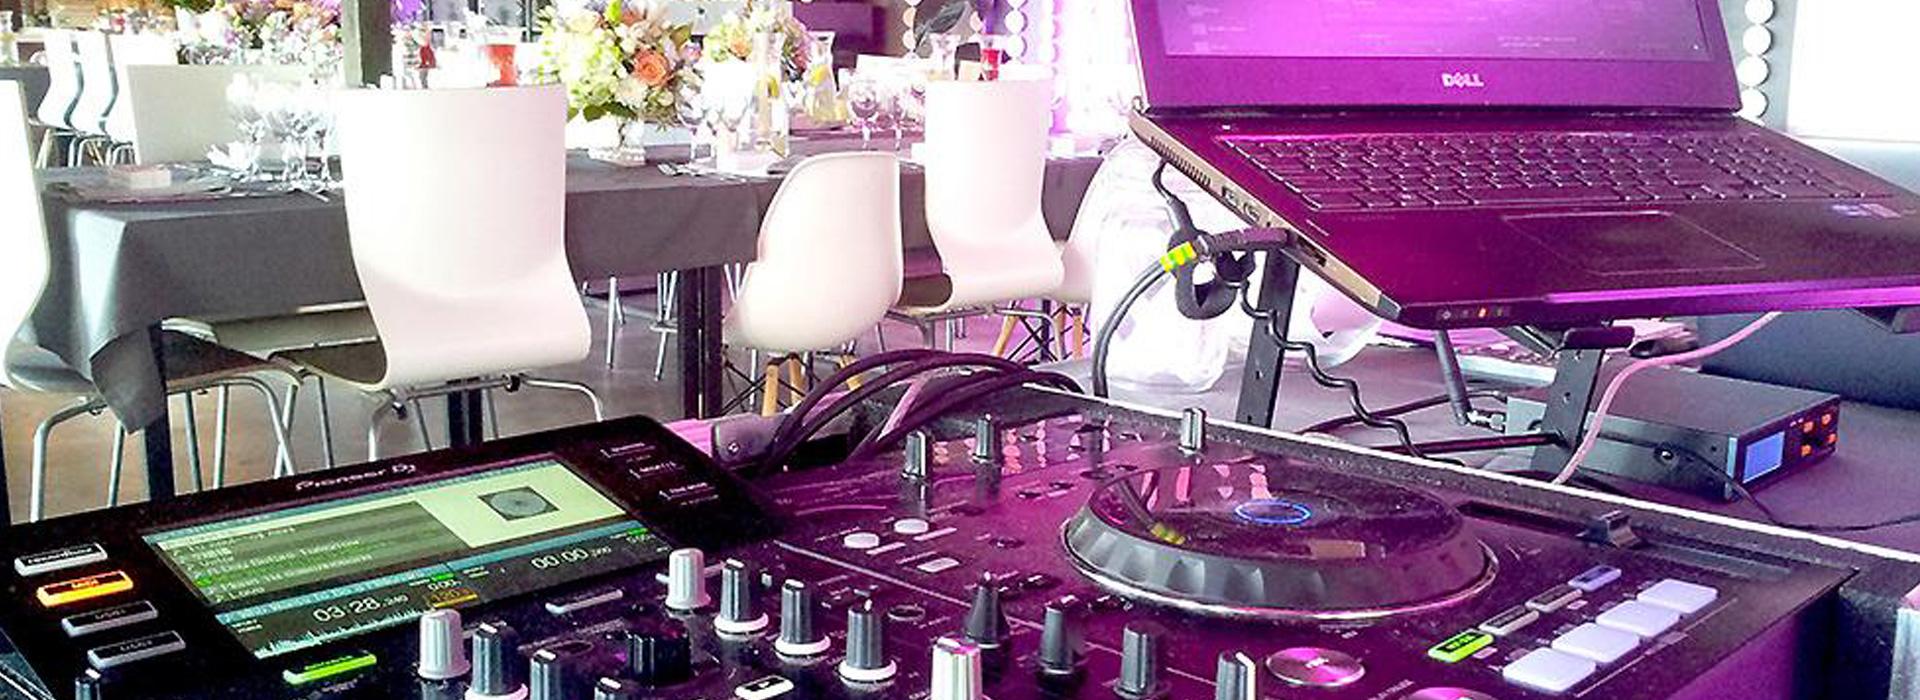 <small>VISOS</small>DJ PASLAUGOS